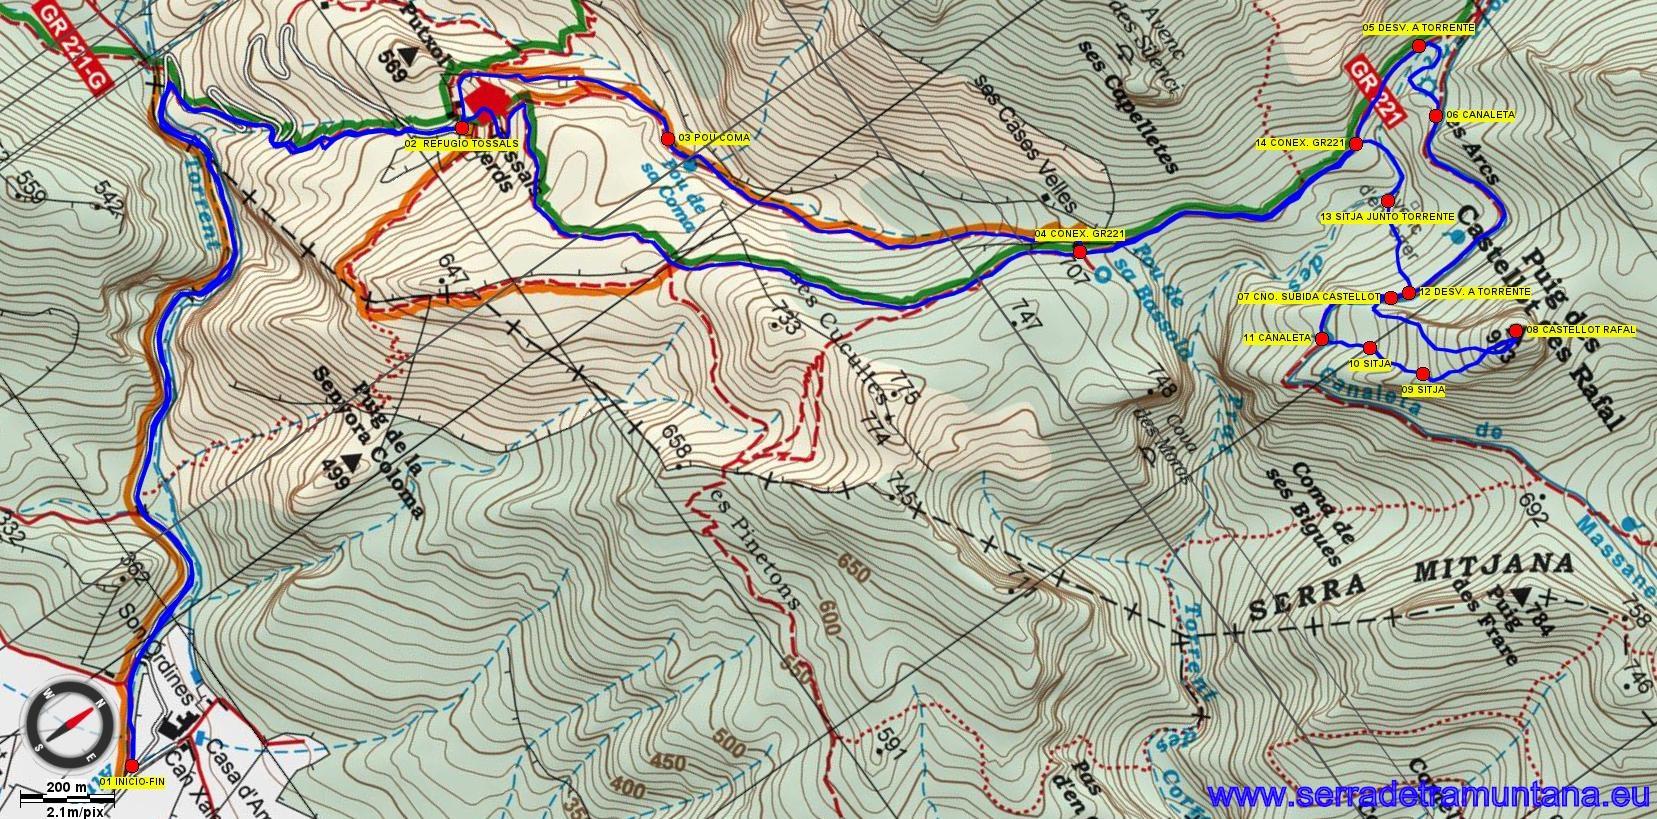 Recorte del mapa de Alpina con la ruta de hoy